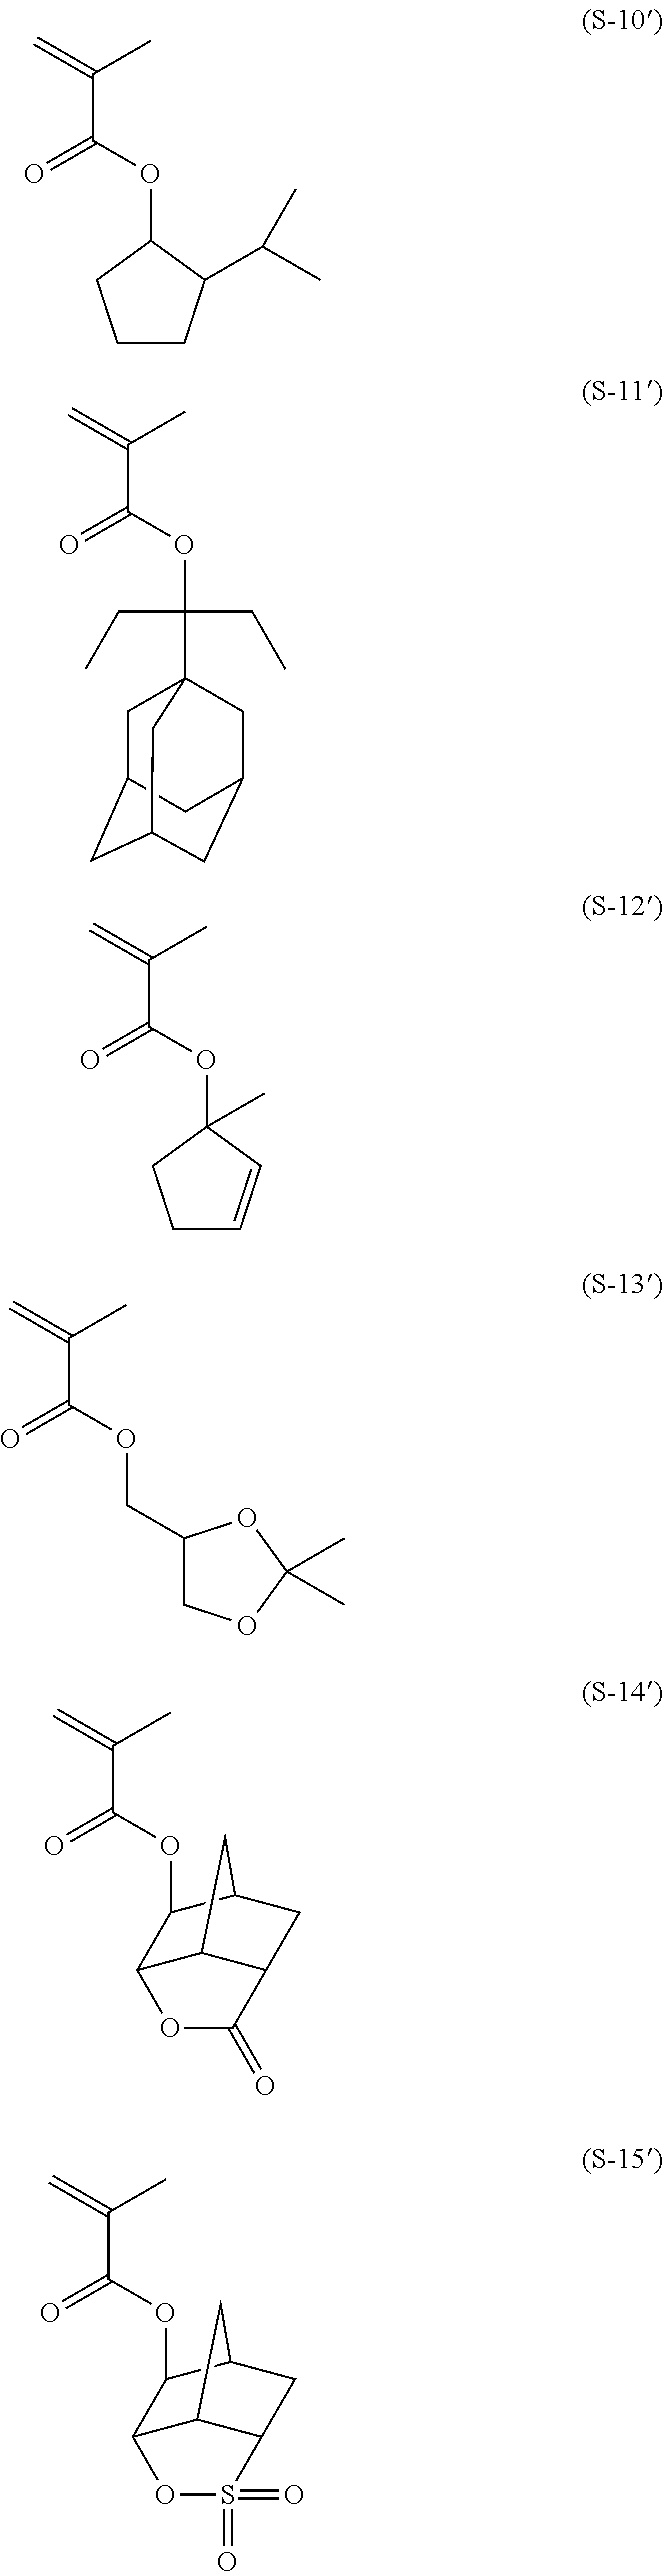 Figure US09477149-20161025-C00038